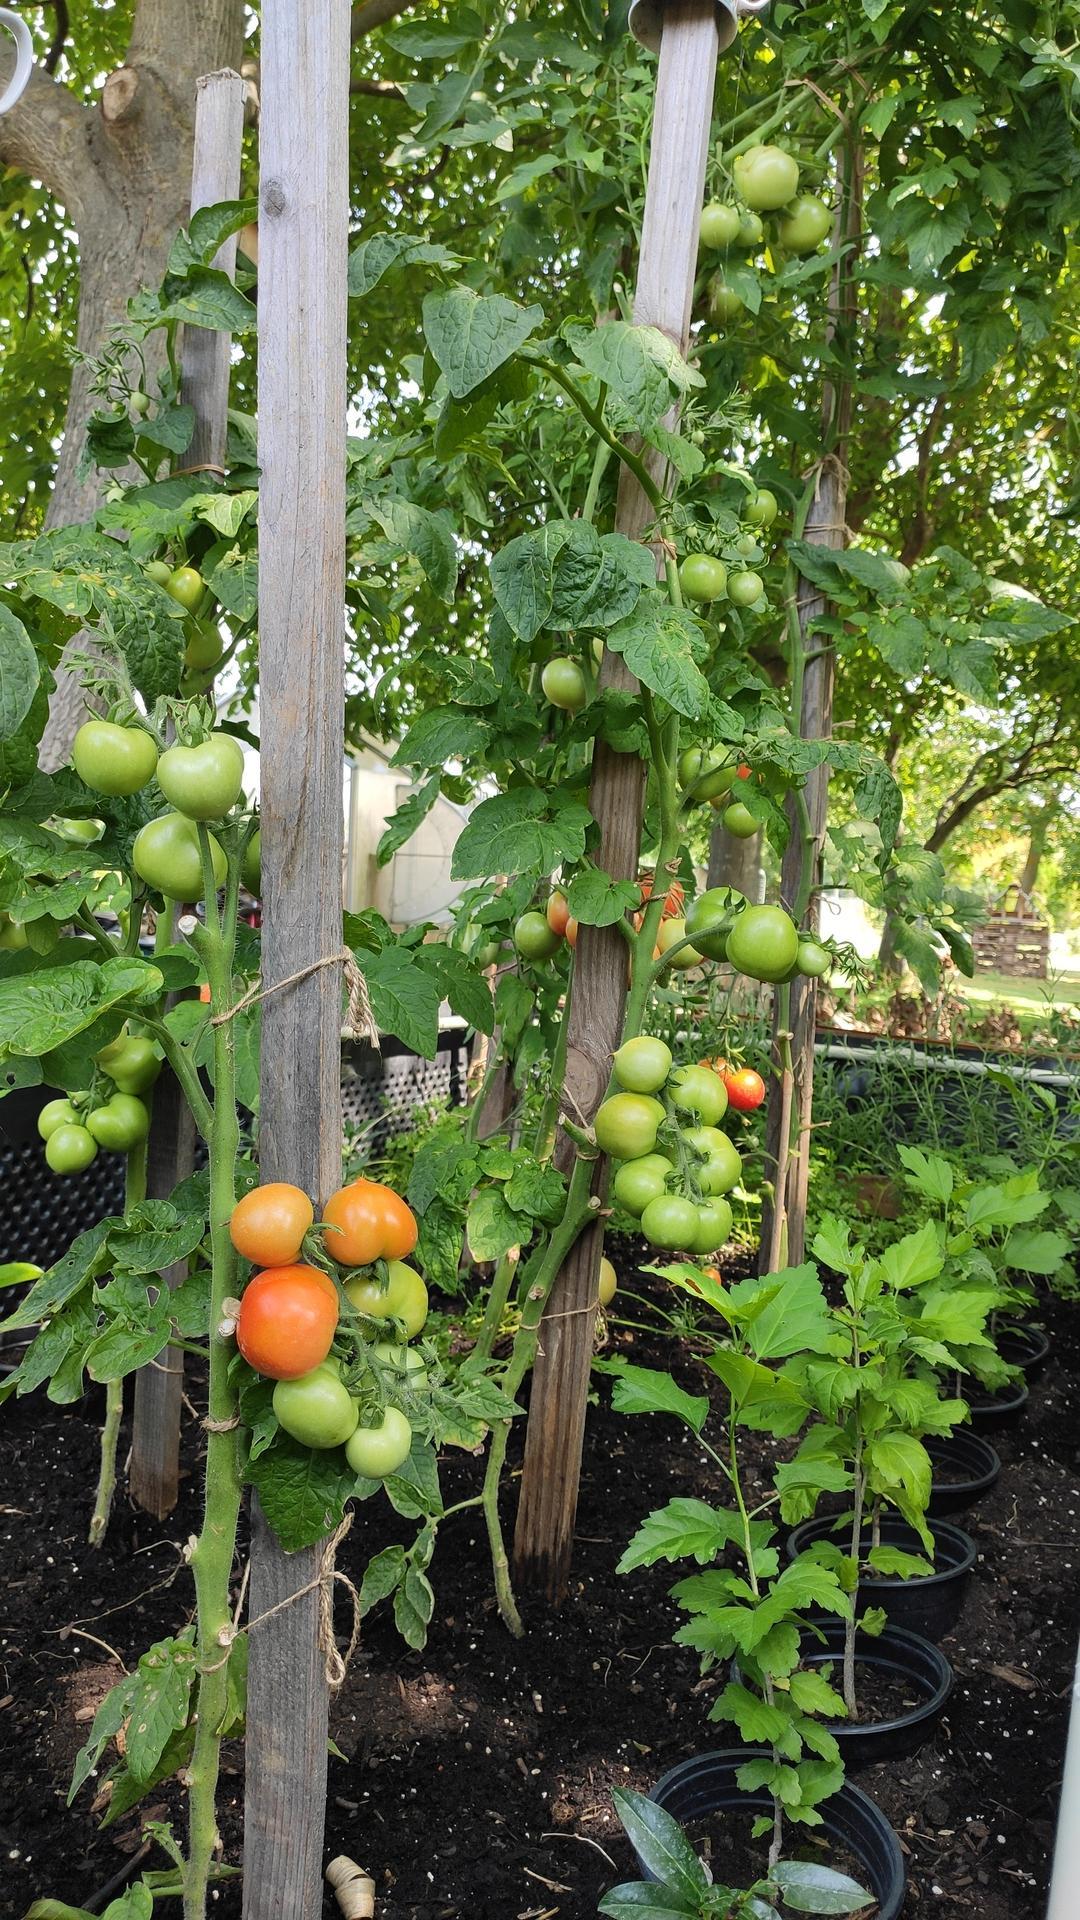 Vyvýšené záhony a úžitková záhrada - sezóna 2021 ... príprava, sadenie, starostlivosť - Obrázok č. 60